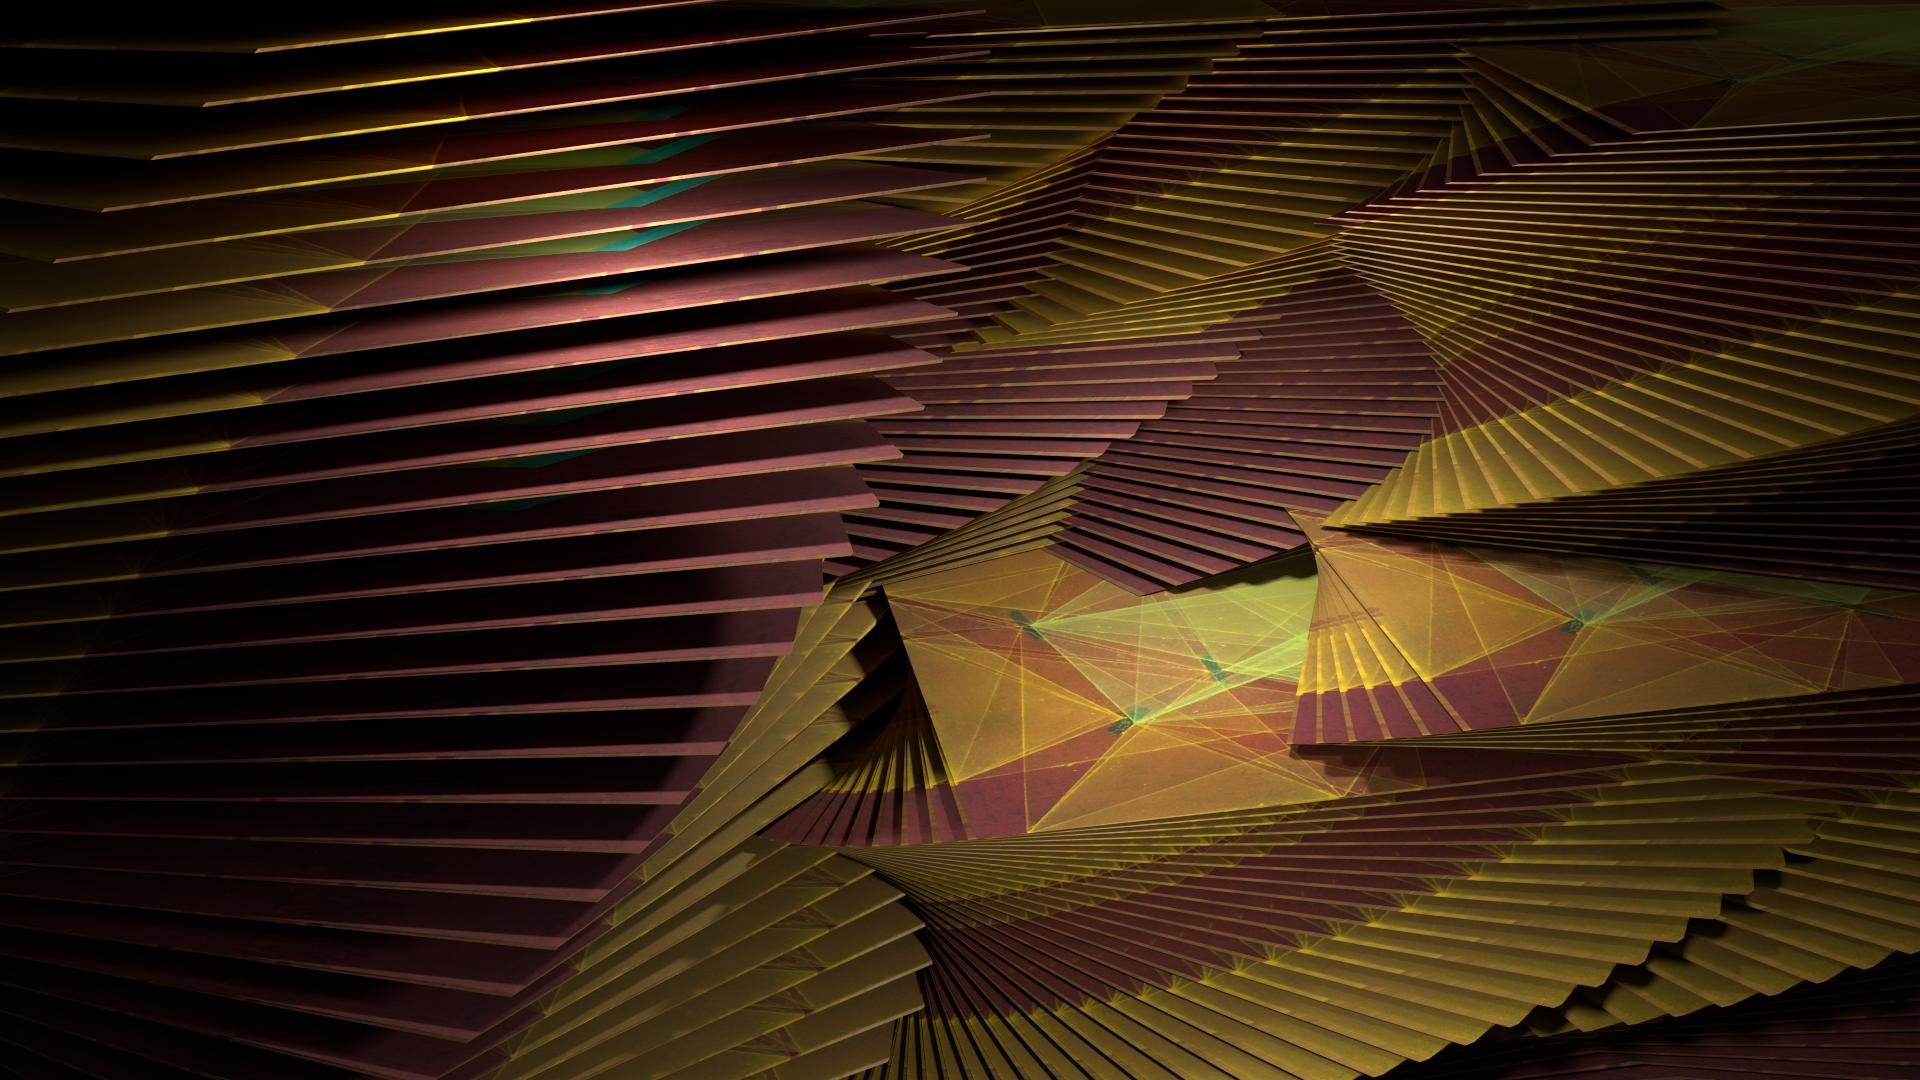 Elevation no.5, digital image rendered with 3D modeling software, 2015